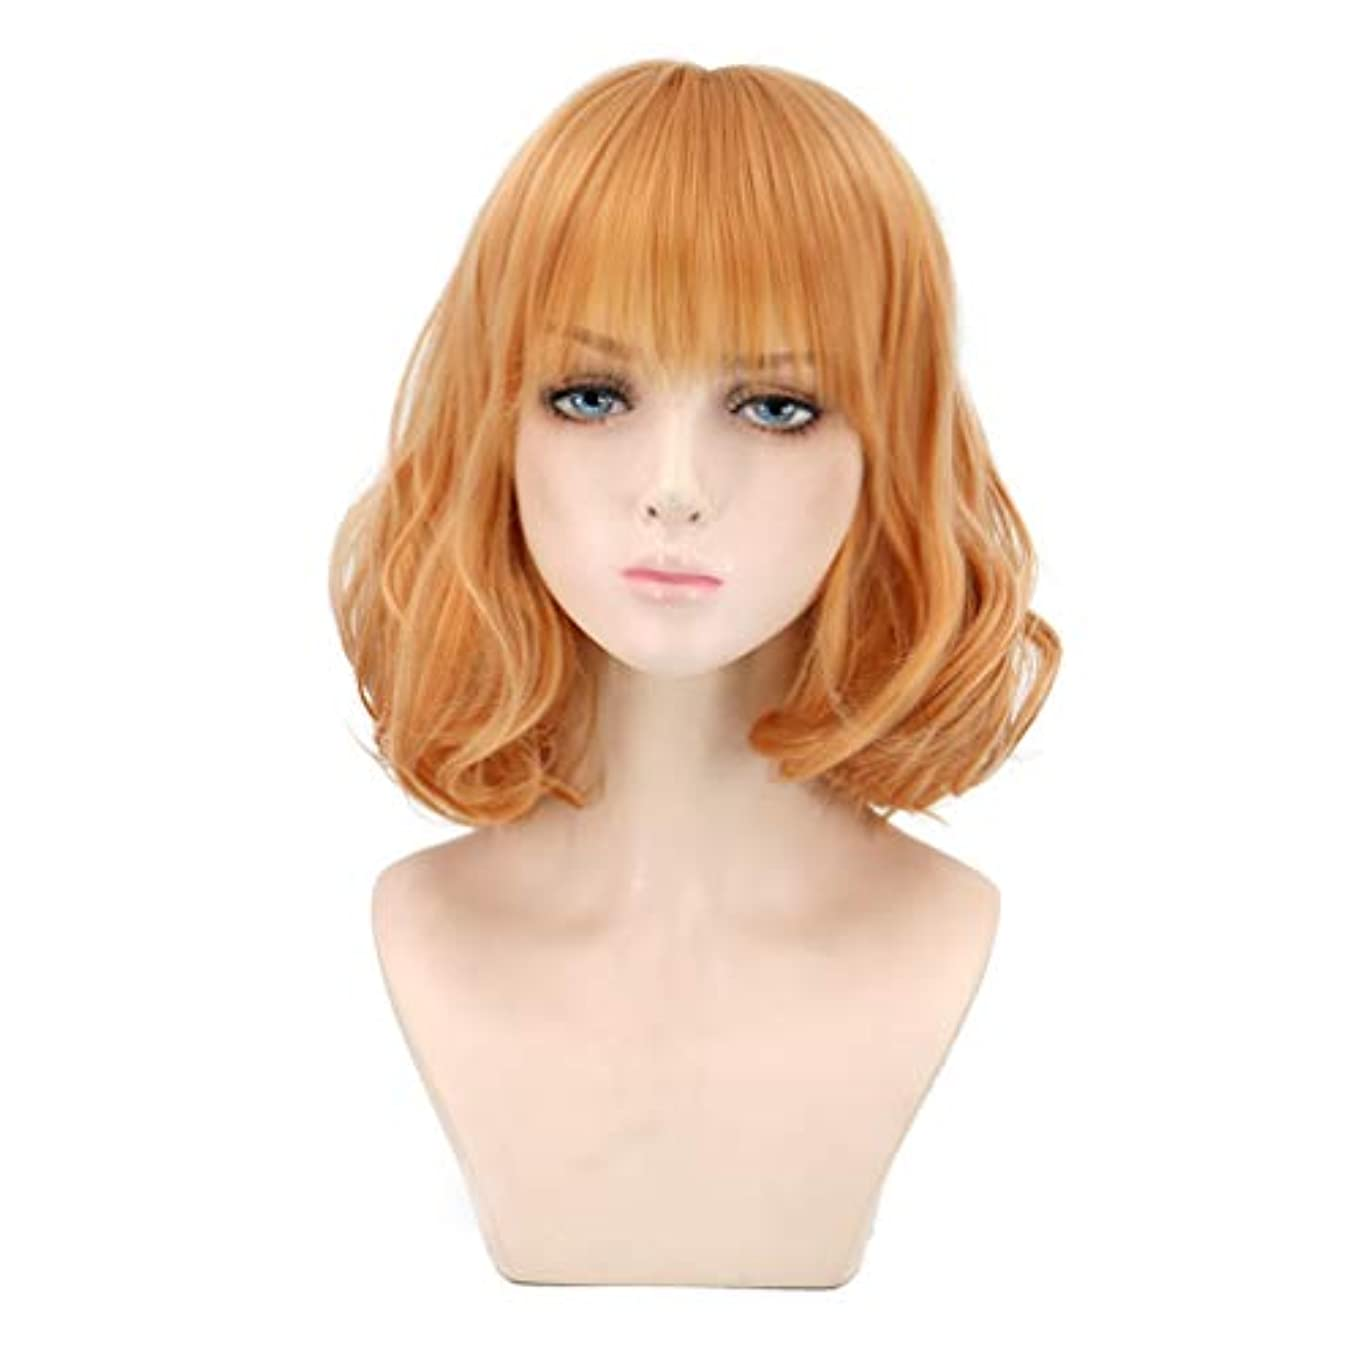 ソース人質十分女性のかつらカール耐熱合成かつらショートヘア150%密度ゴールド32 cm